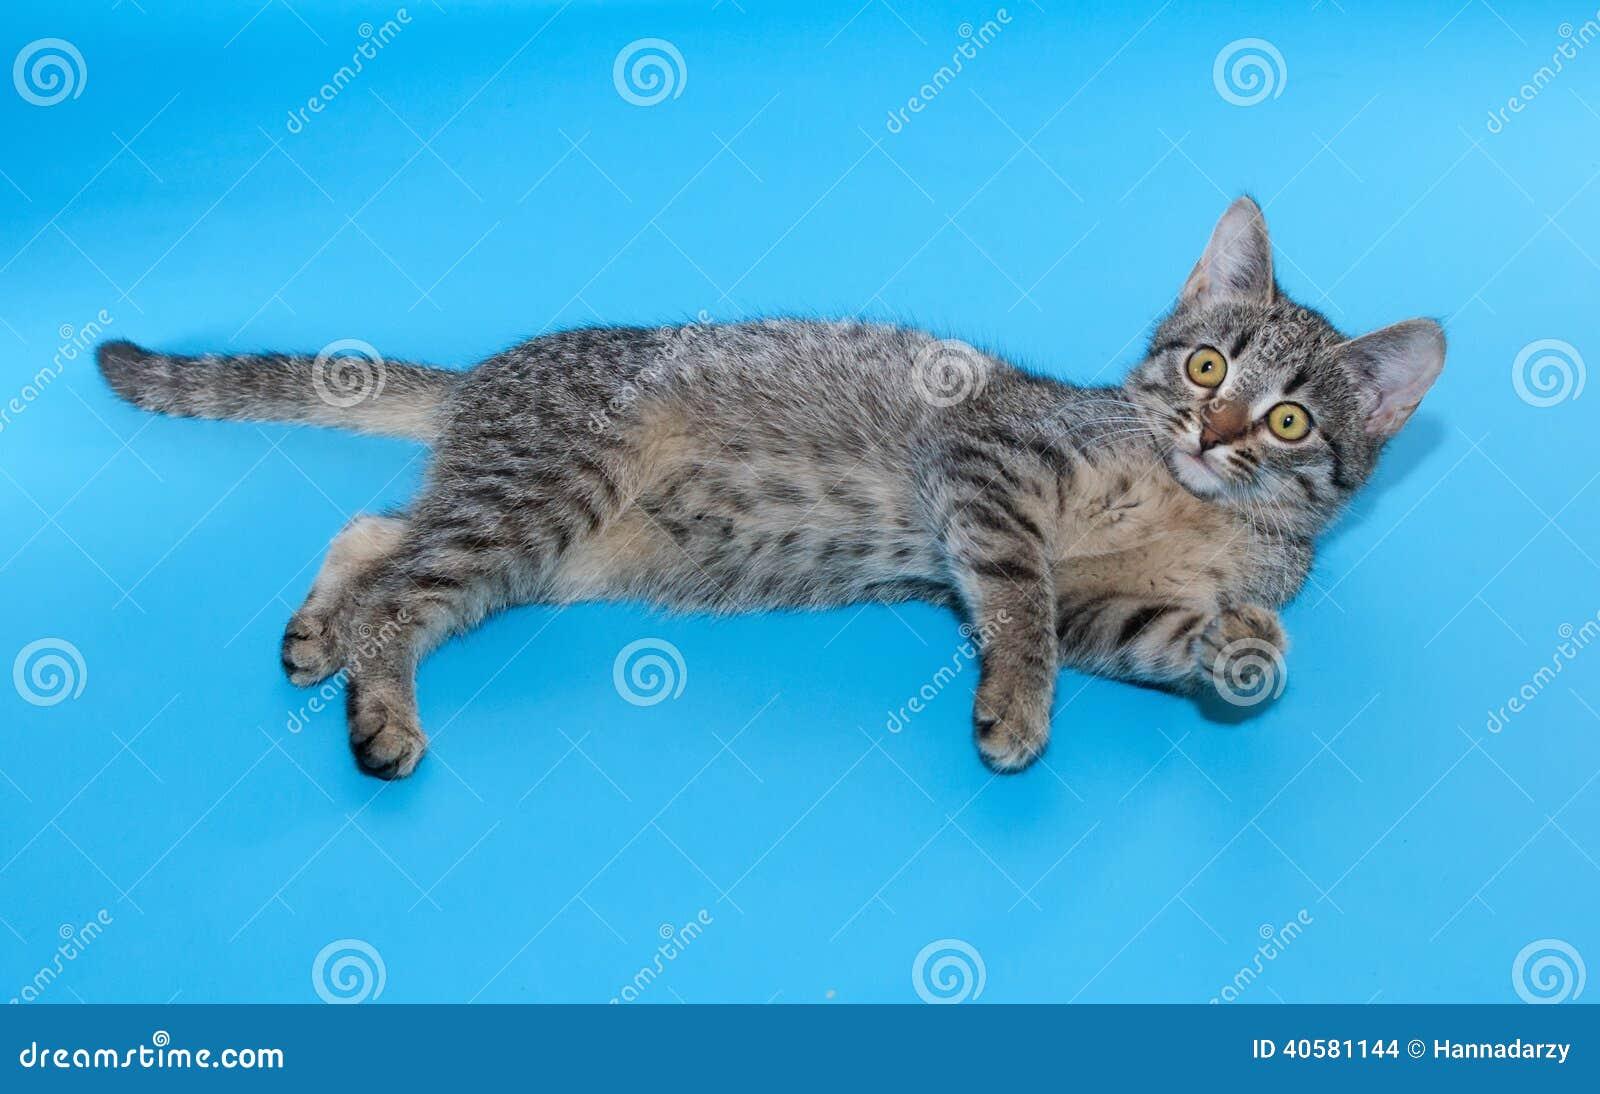 Котенок Tabby с желтым цветом наблюдает лежать на сини